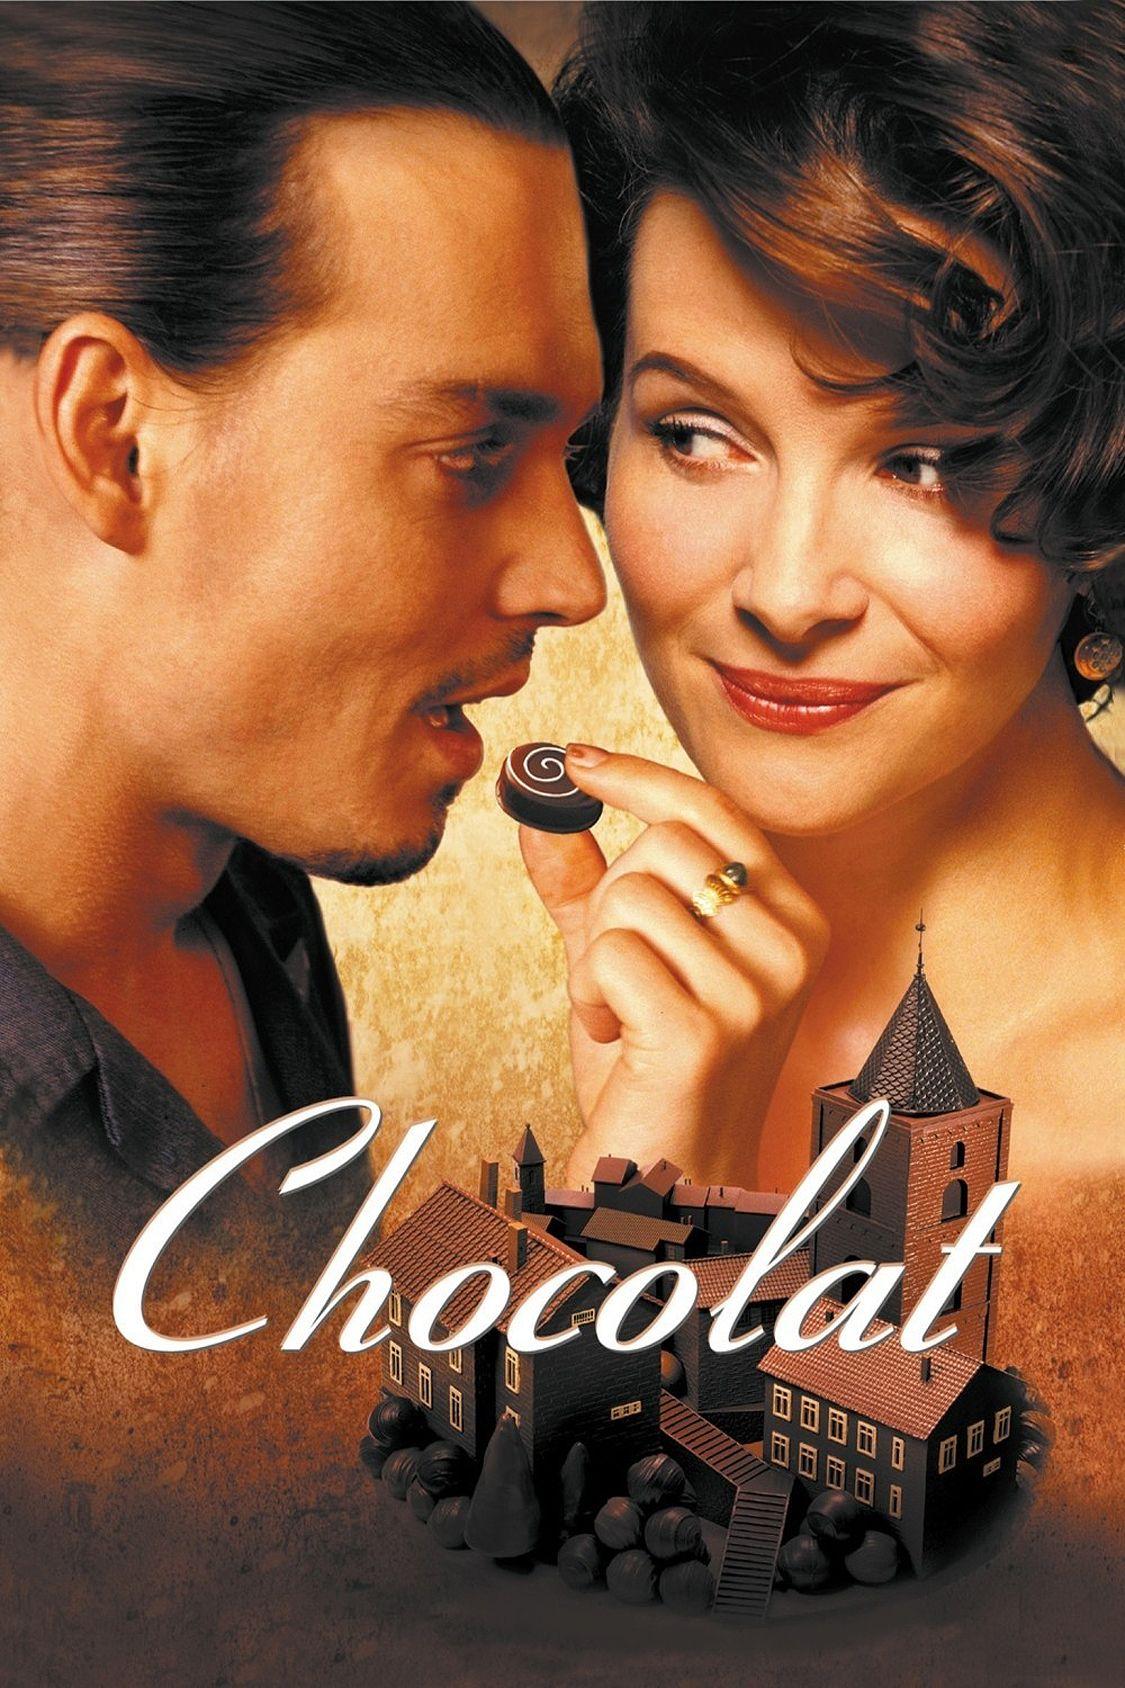 JULIETTE DUBLADO BINOCHE BAIXAR CHOCOLATE FILME COM O